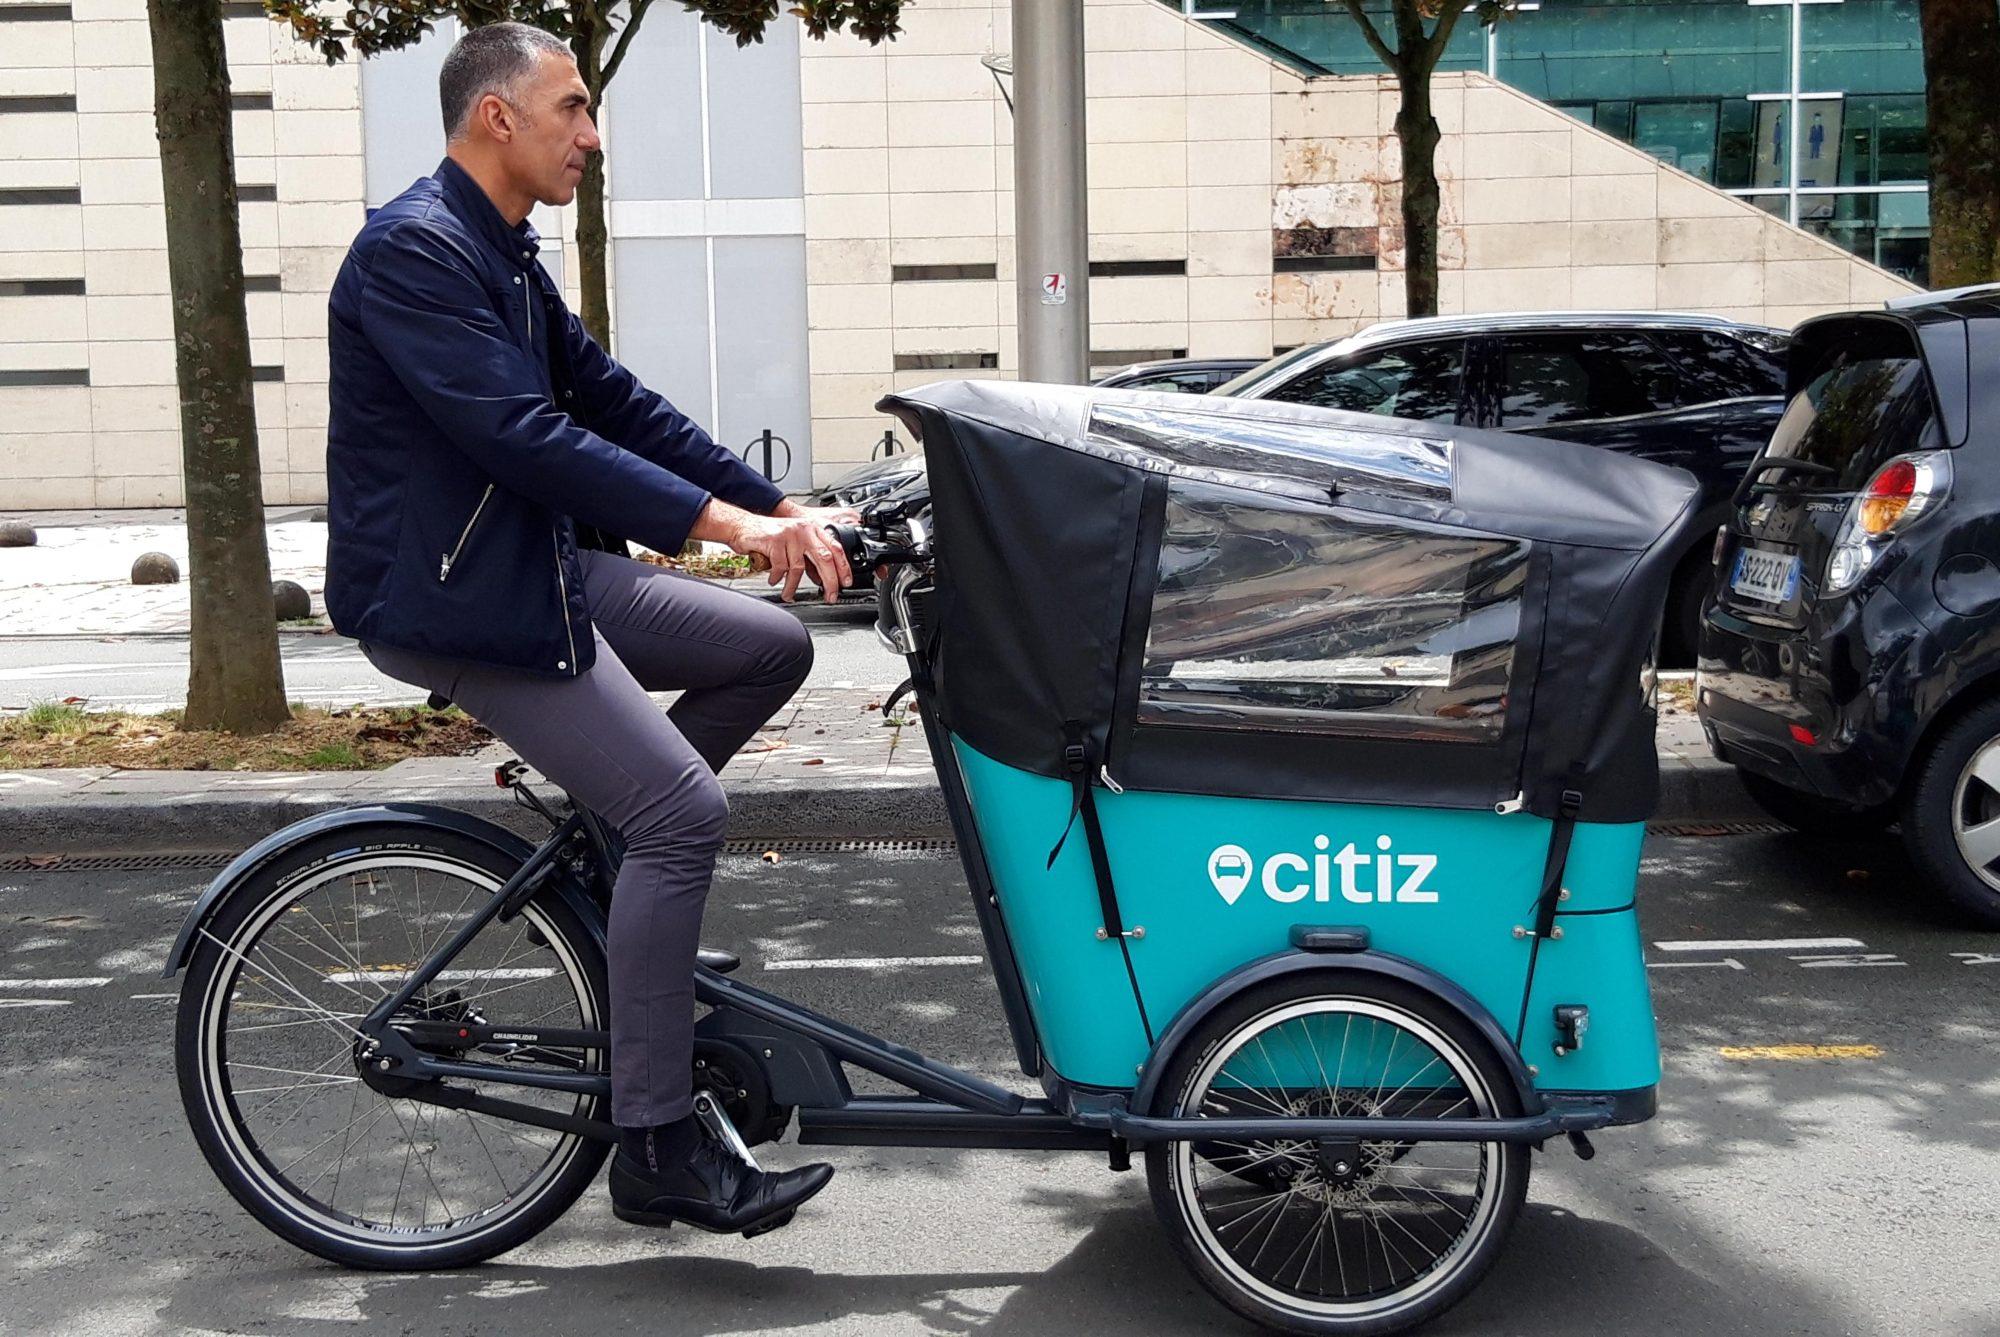 Citiz : un service pour faire ses courses dans un vélo cargo à 2 € de l'heure